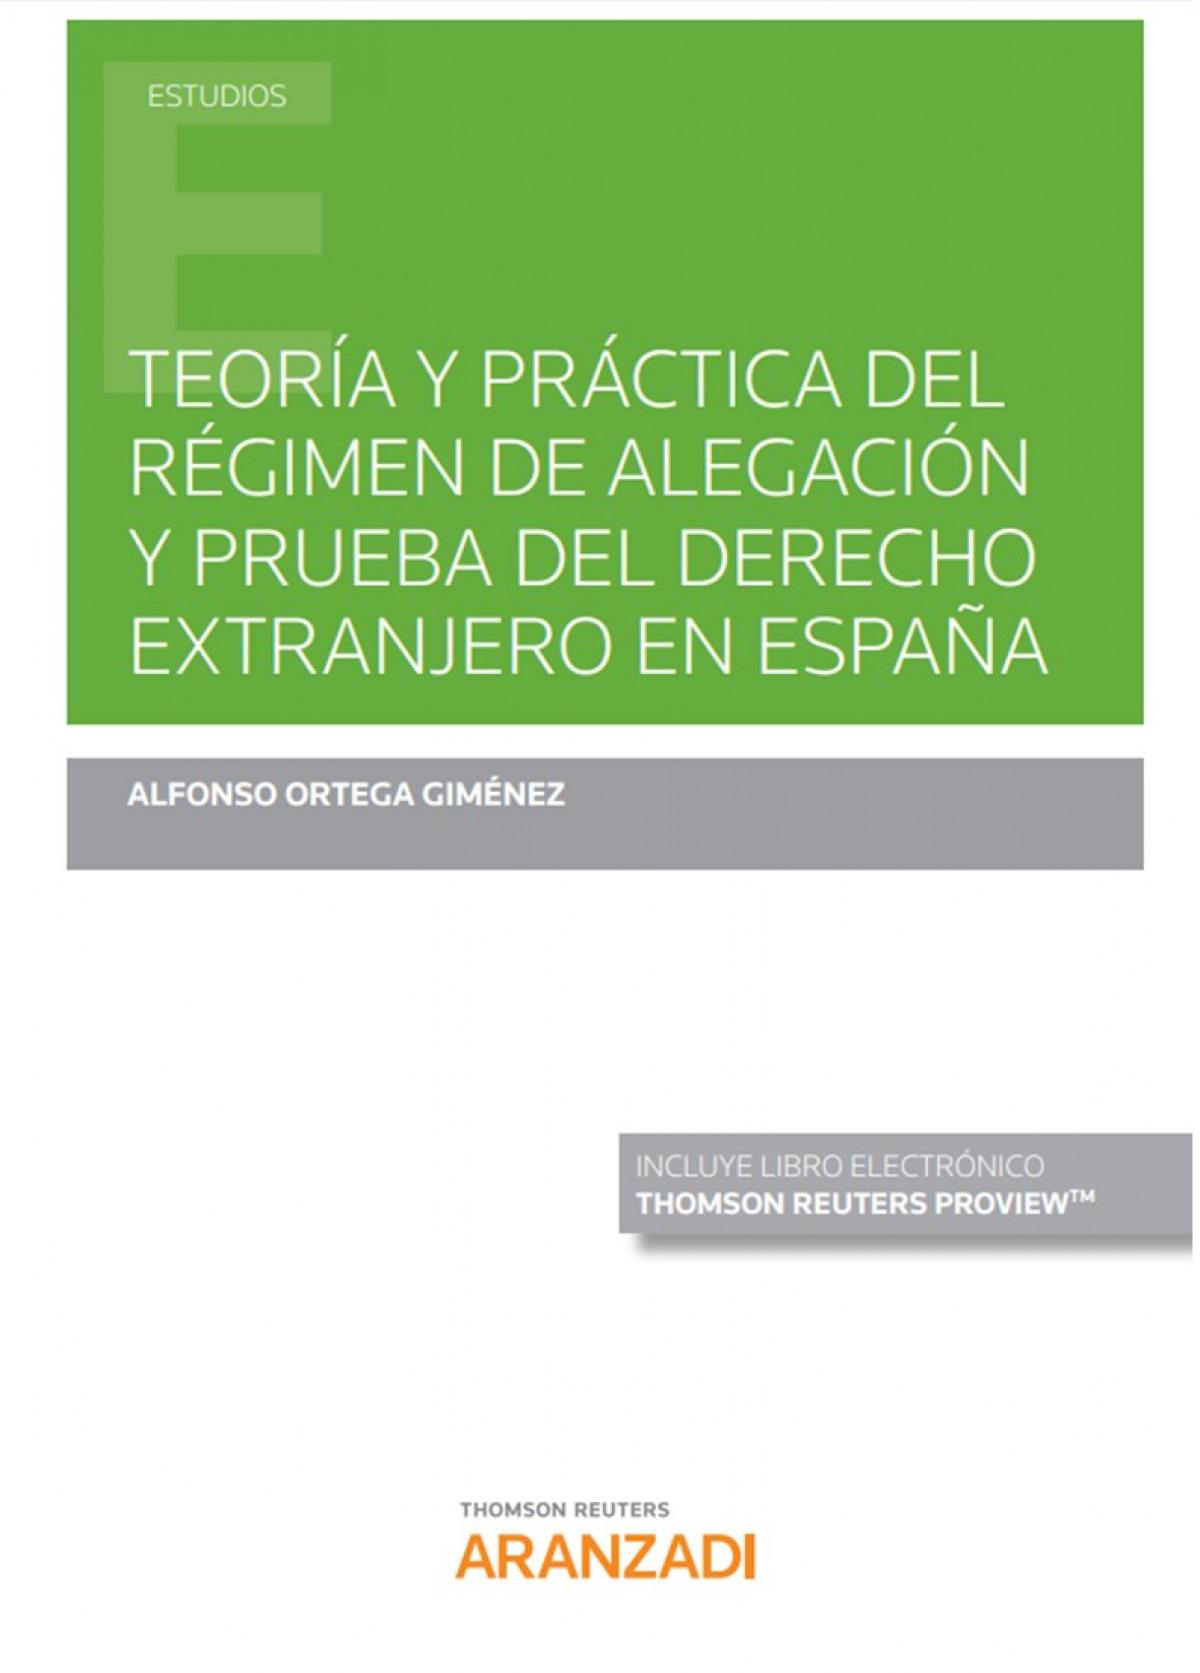 Teor¡a y práctica del régimen de alegación y prueba del derecho e 9788413455556